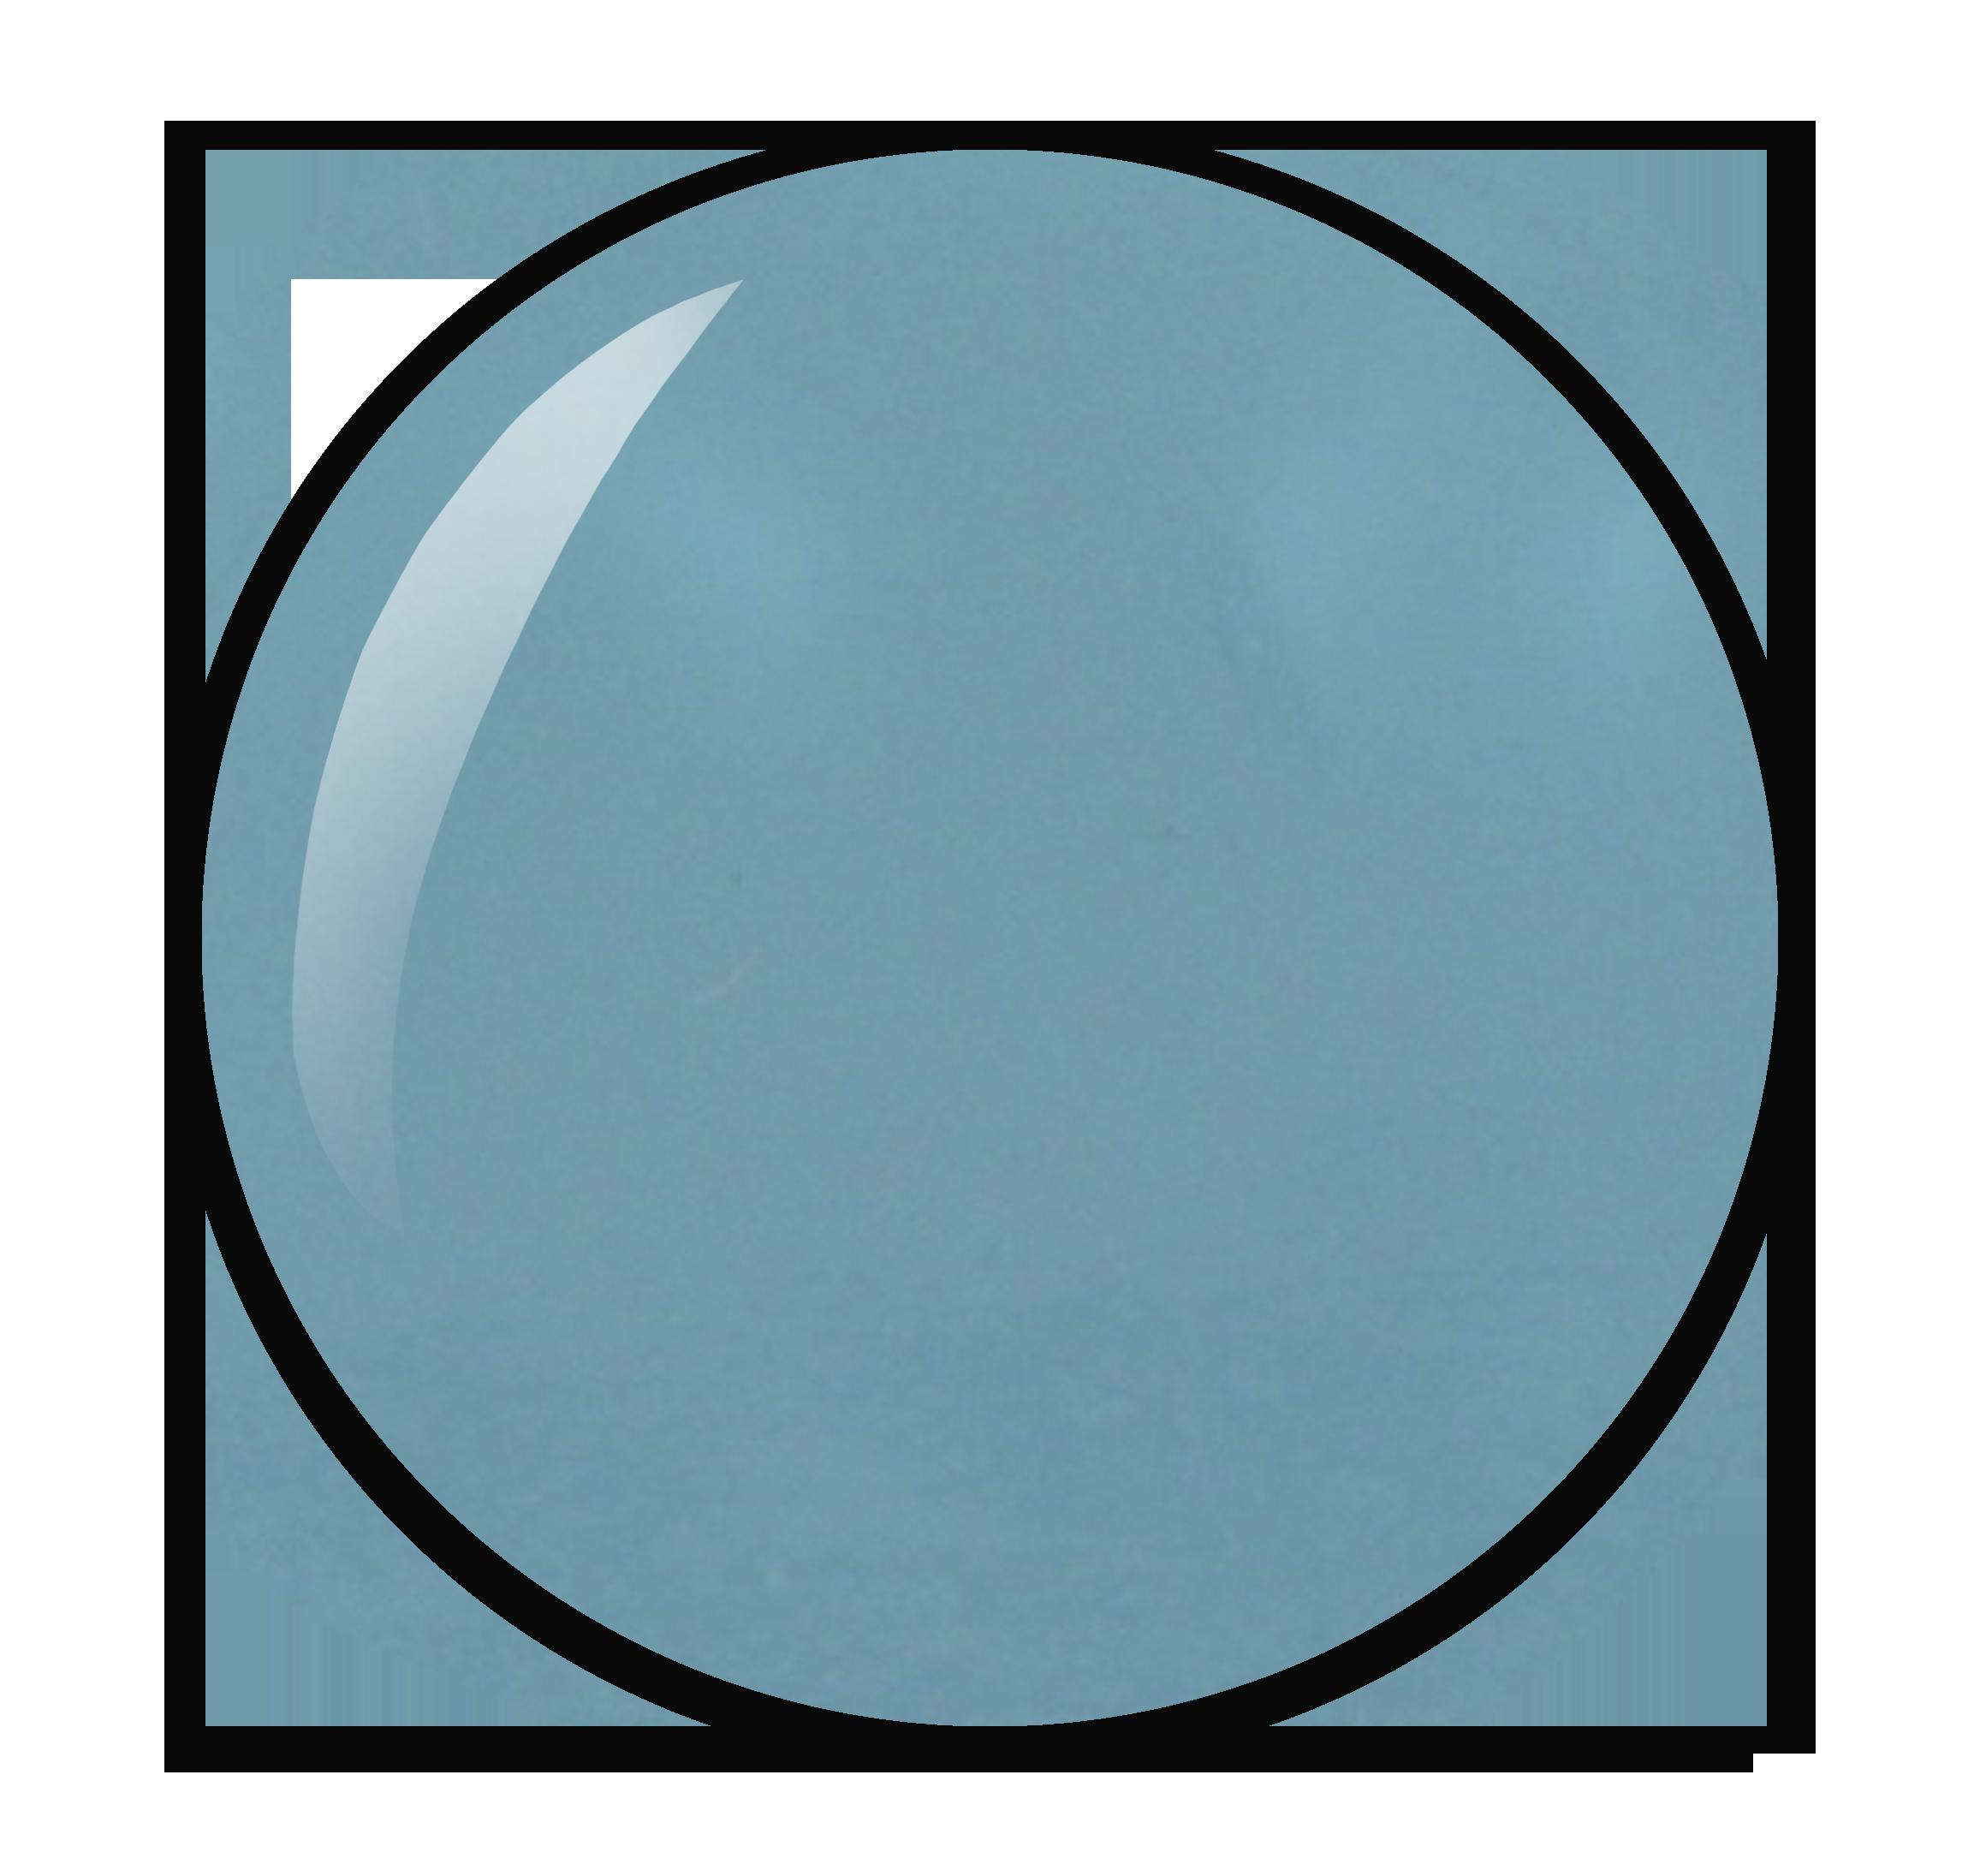 blauwe nagellak kleurnummer 177 uit de Herôme nagellak collectie